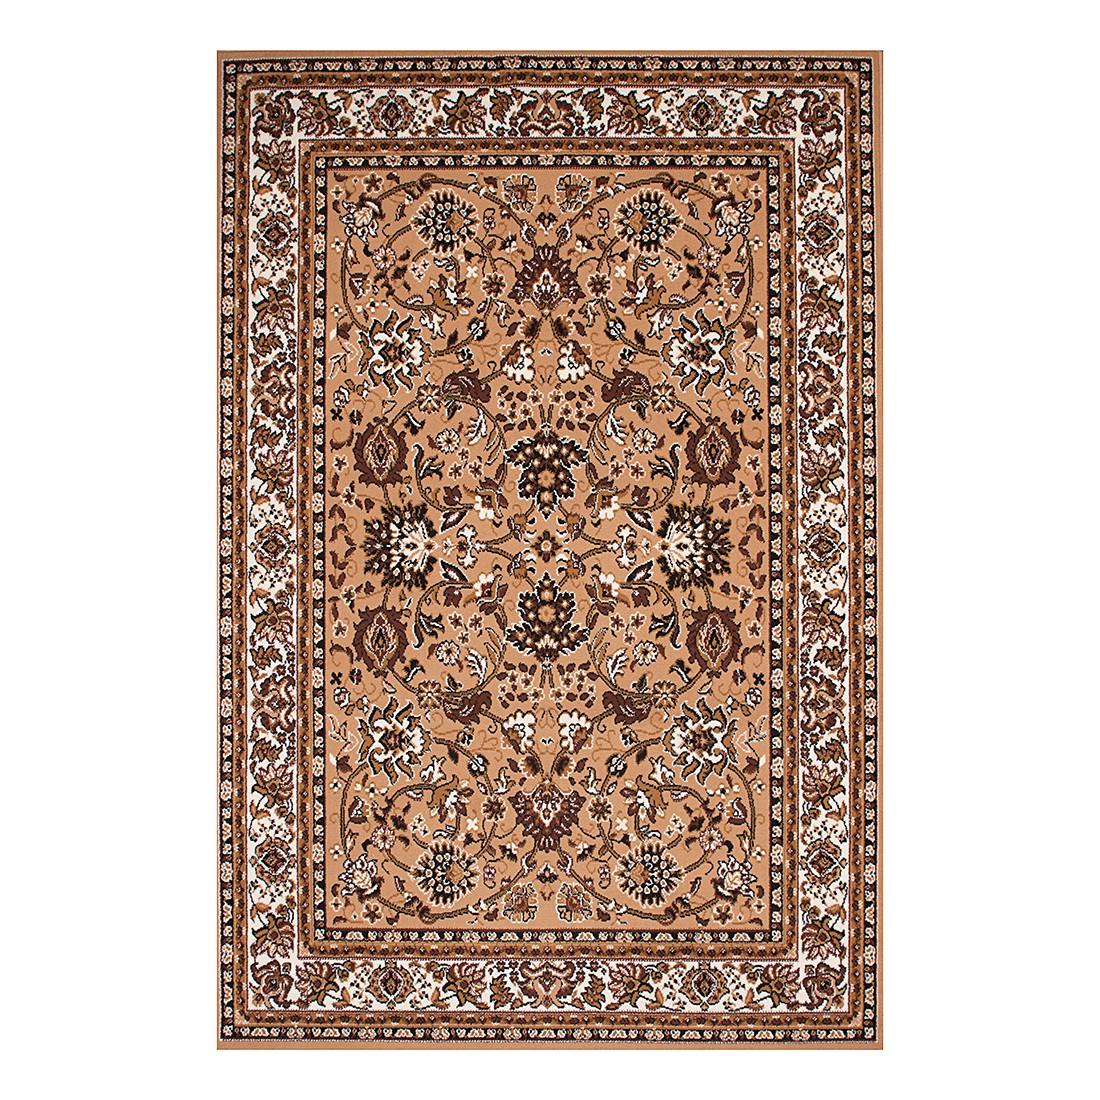 Teppich Shiraz – Beige – 280 x 370 cm, Kayoom online bestellen